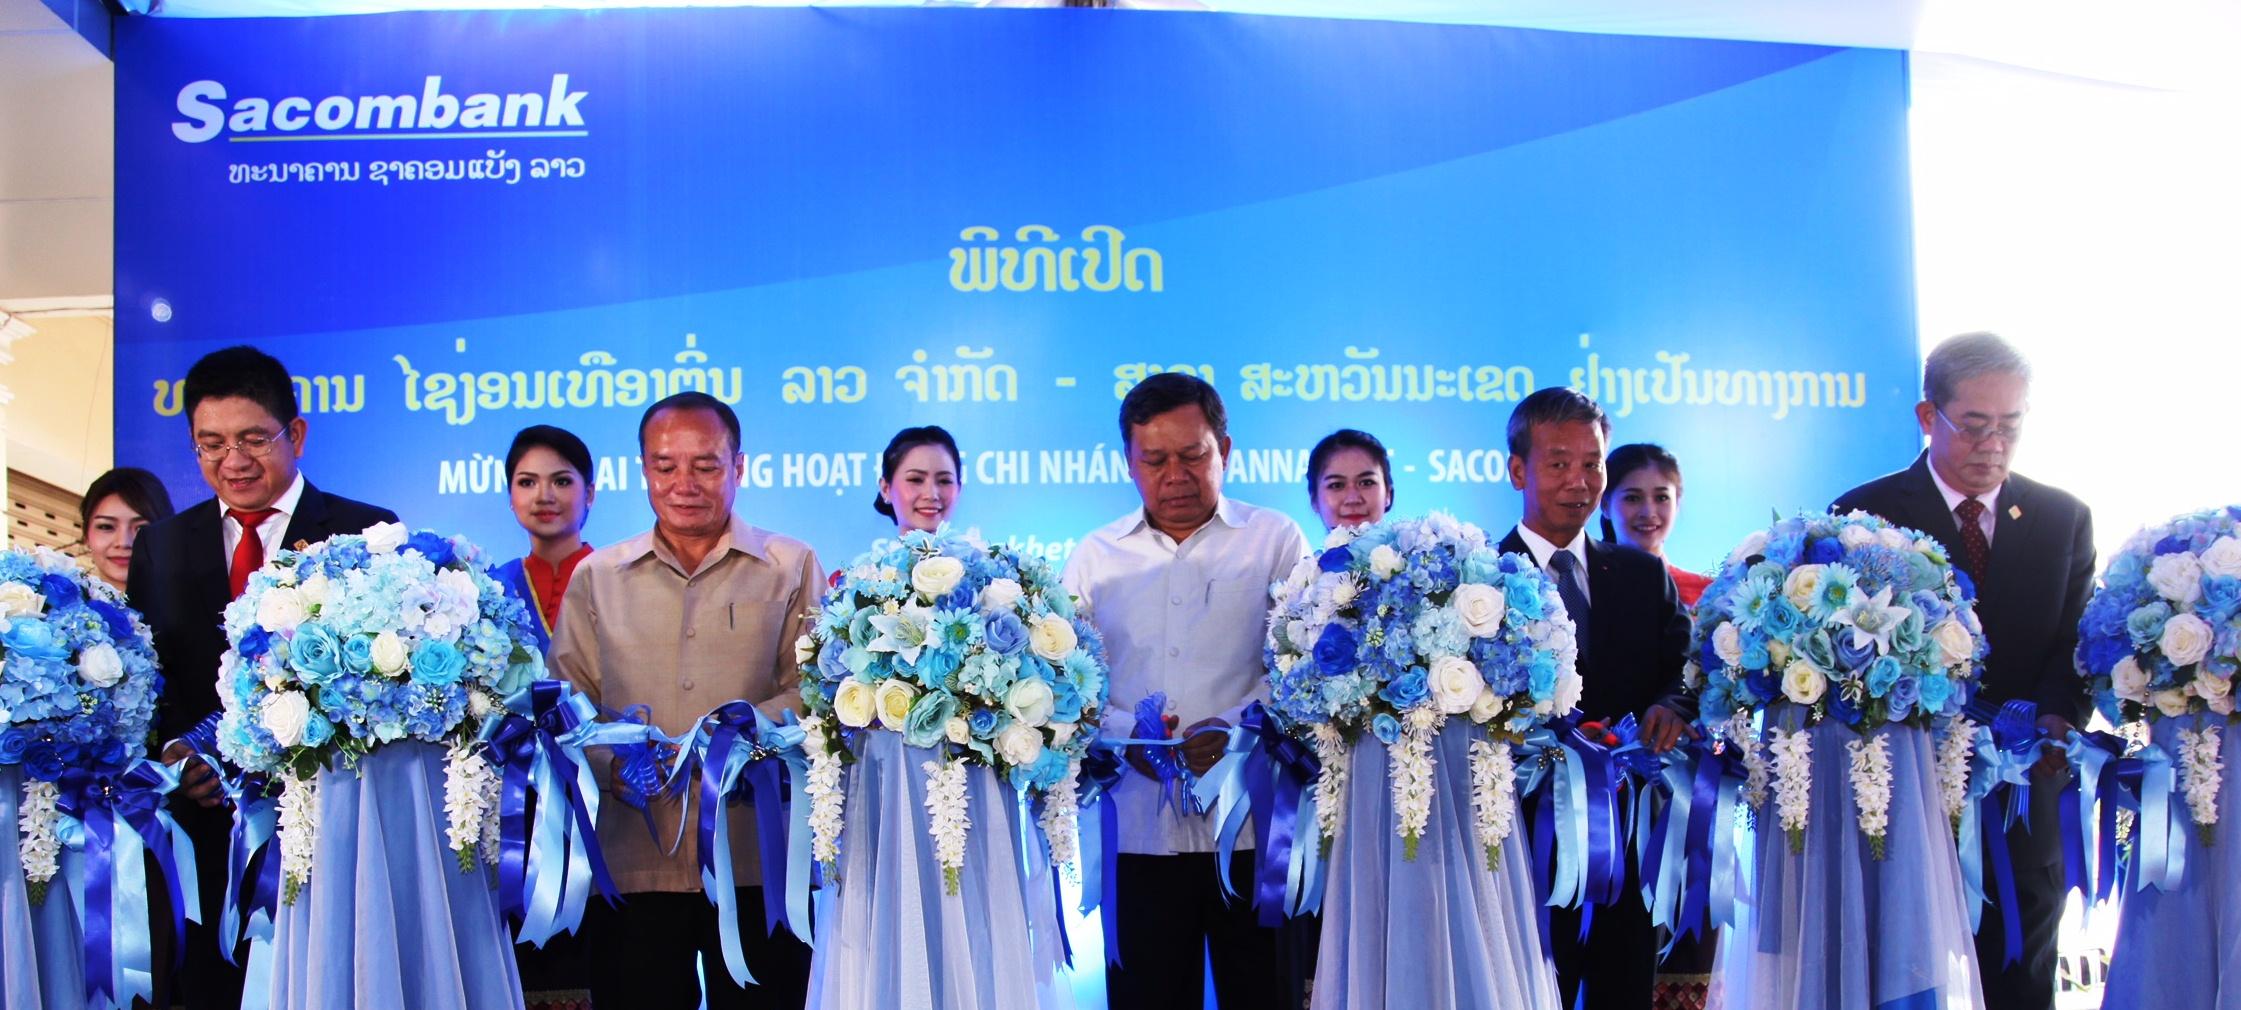 Sacombank đồng hành cùng sự phát triển kinh tế Lào